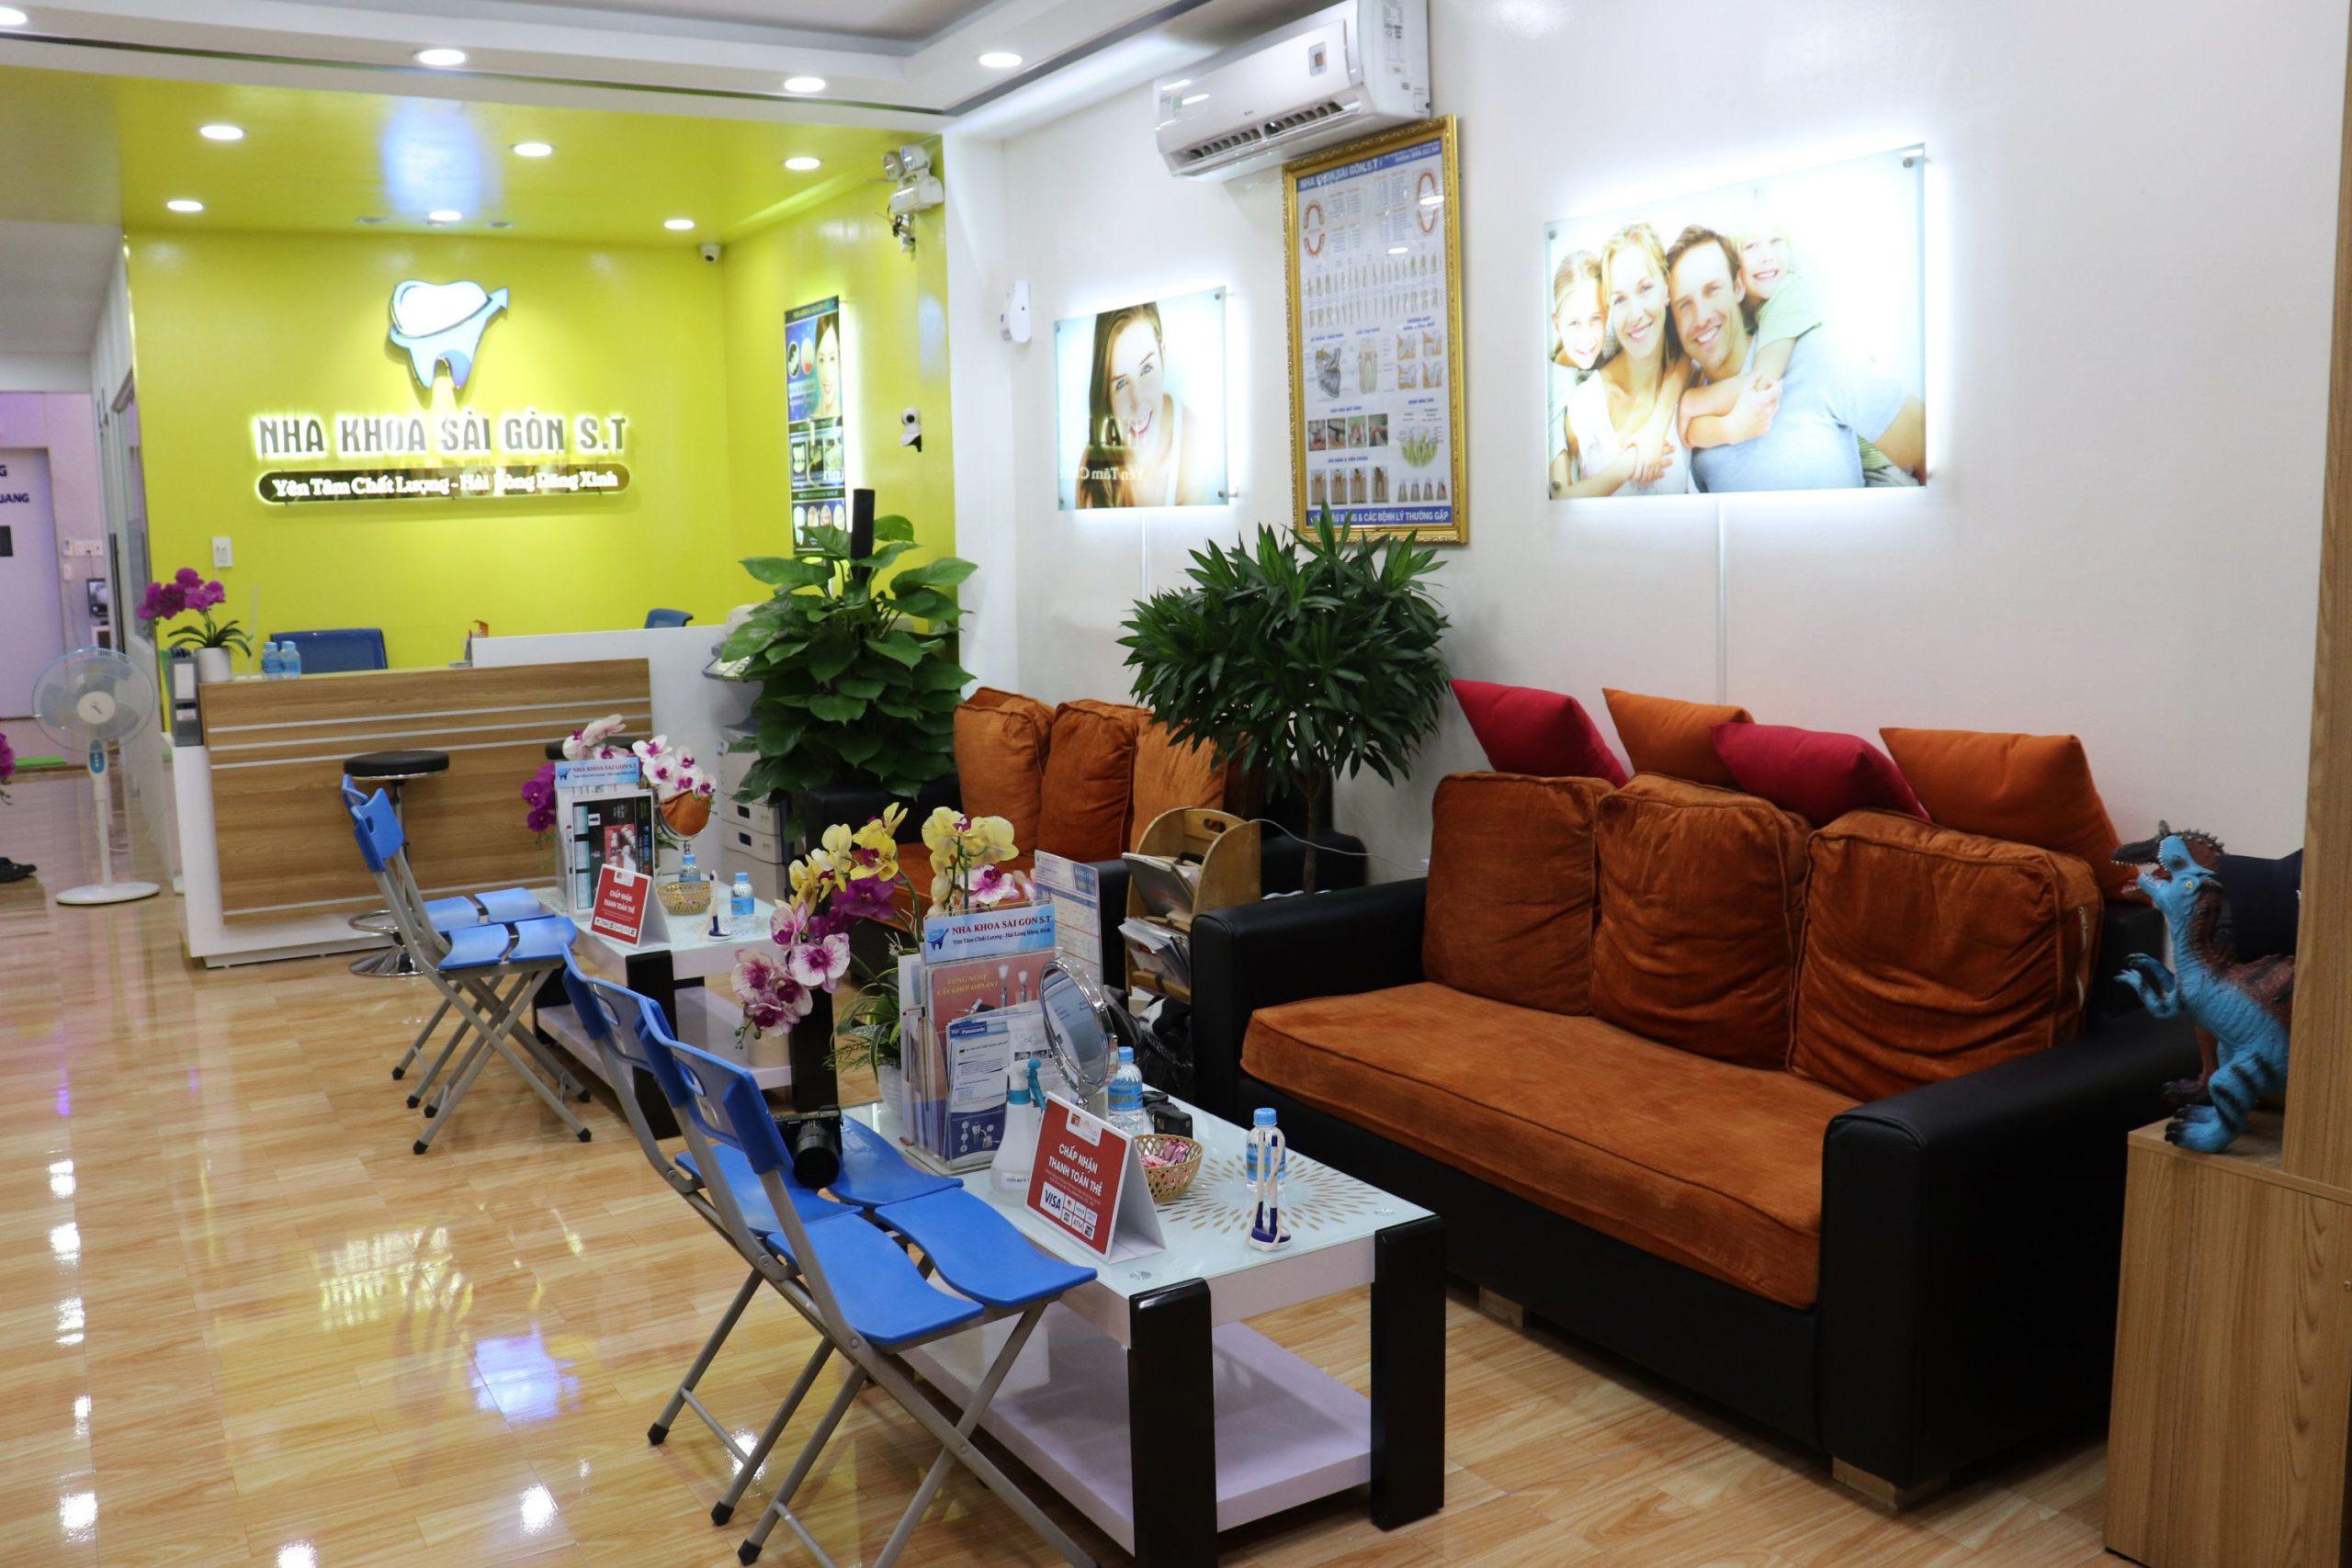 Nha khoa Sài Gòn ST - Địa chỉ Bọc răng sứ ở đâu tốt và uy tín Thành phố Hồ Chí Minh